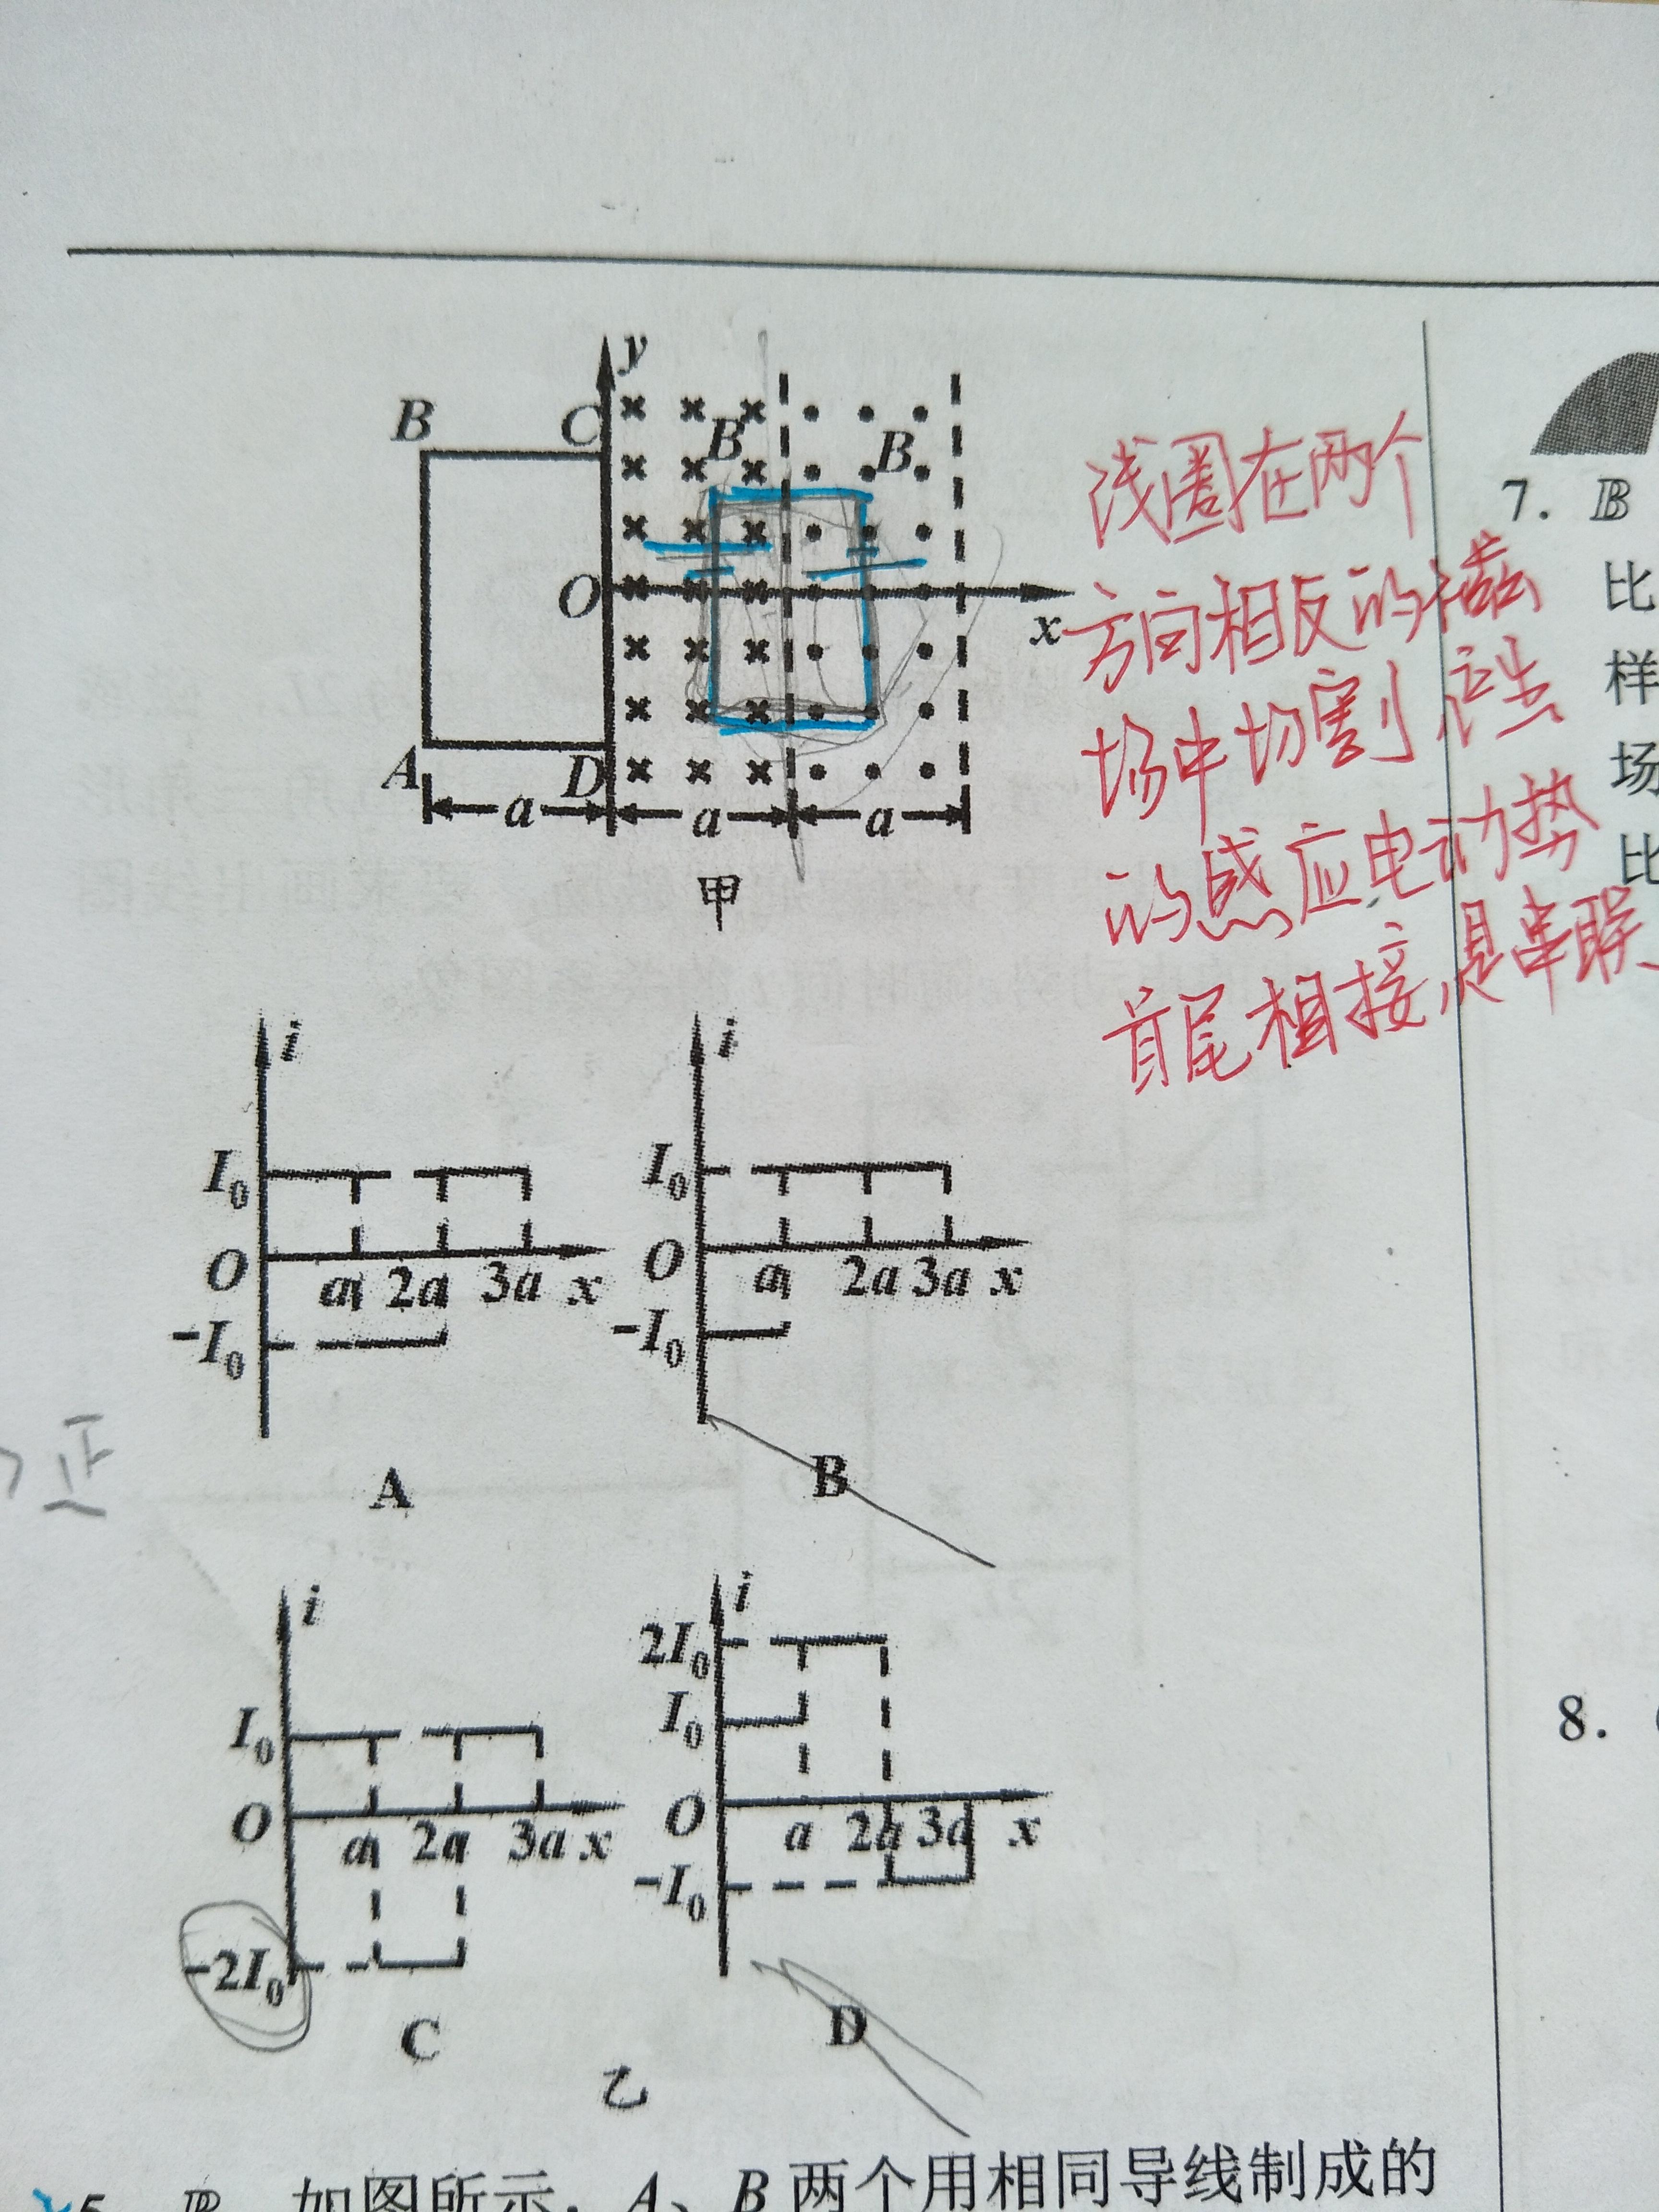 物理中电饭煲的电路图